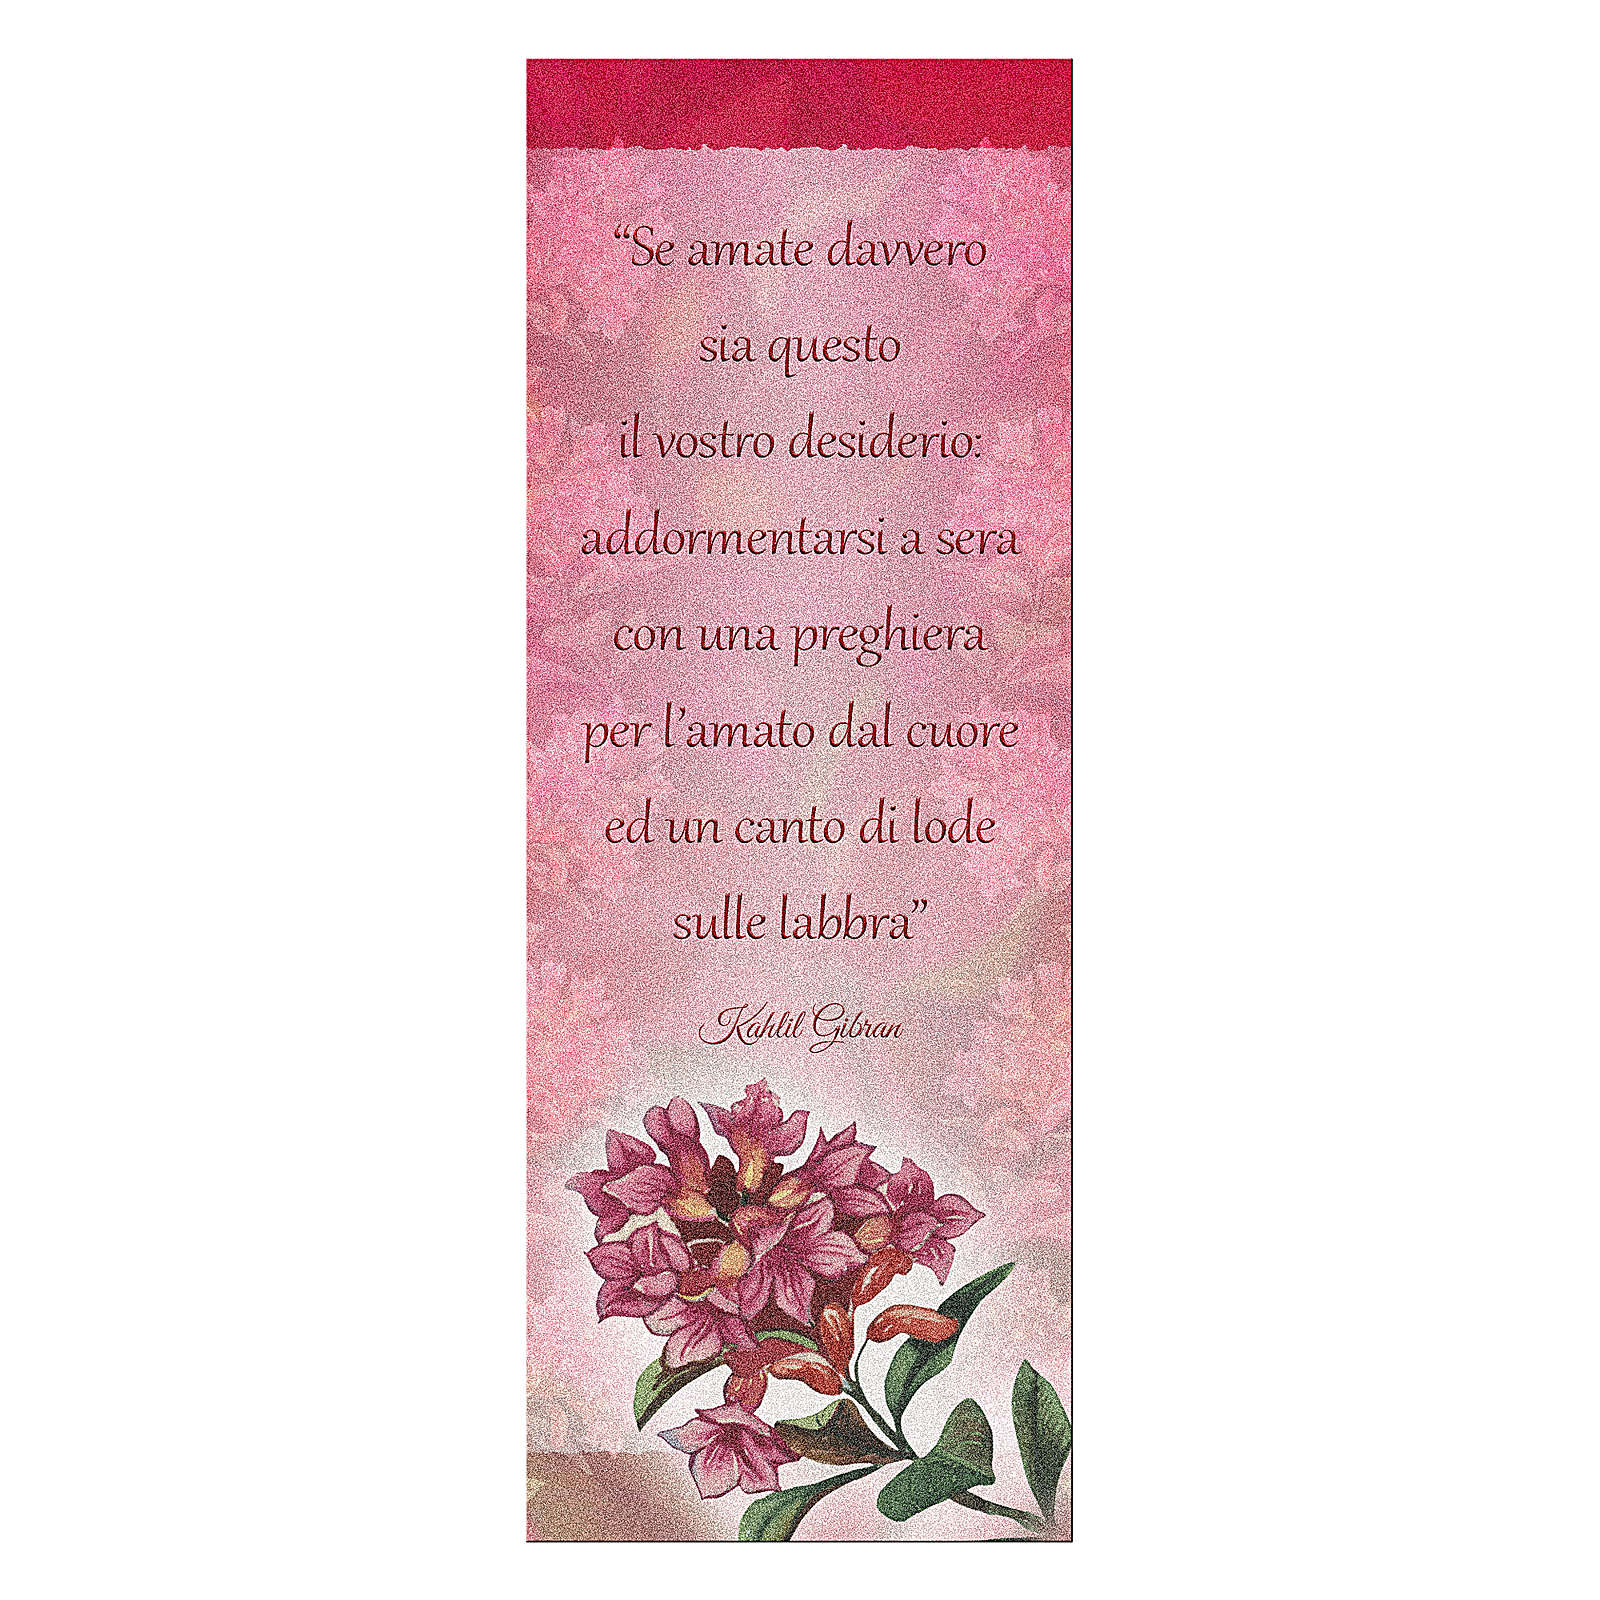 Auguri Matrimonio Gibran : Segnalibro carta perlata ramo fiorito frase di k gibran cm